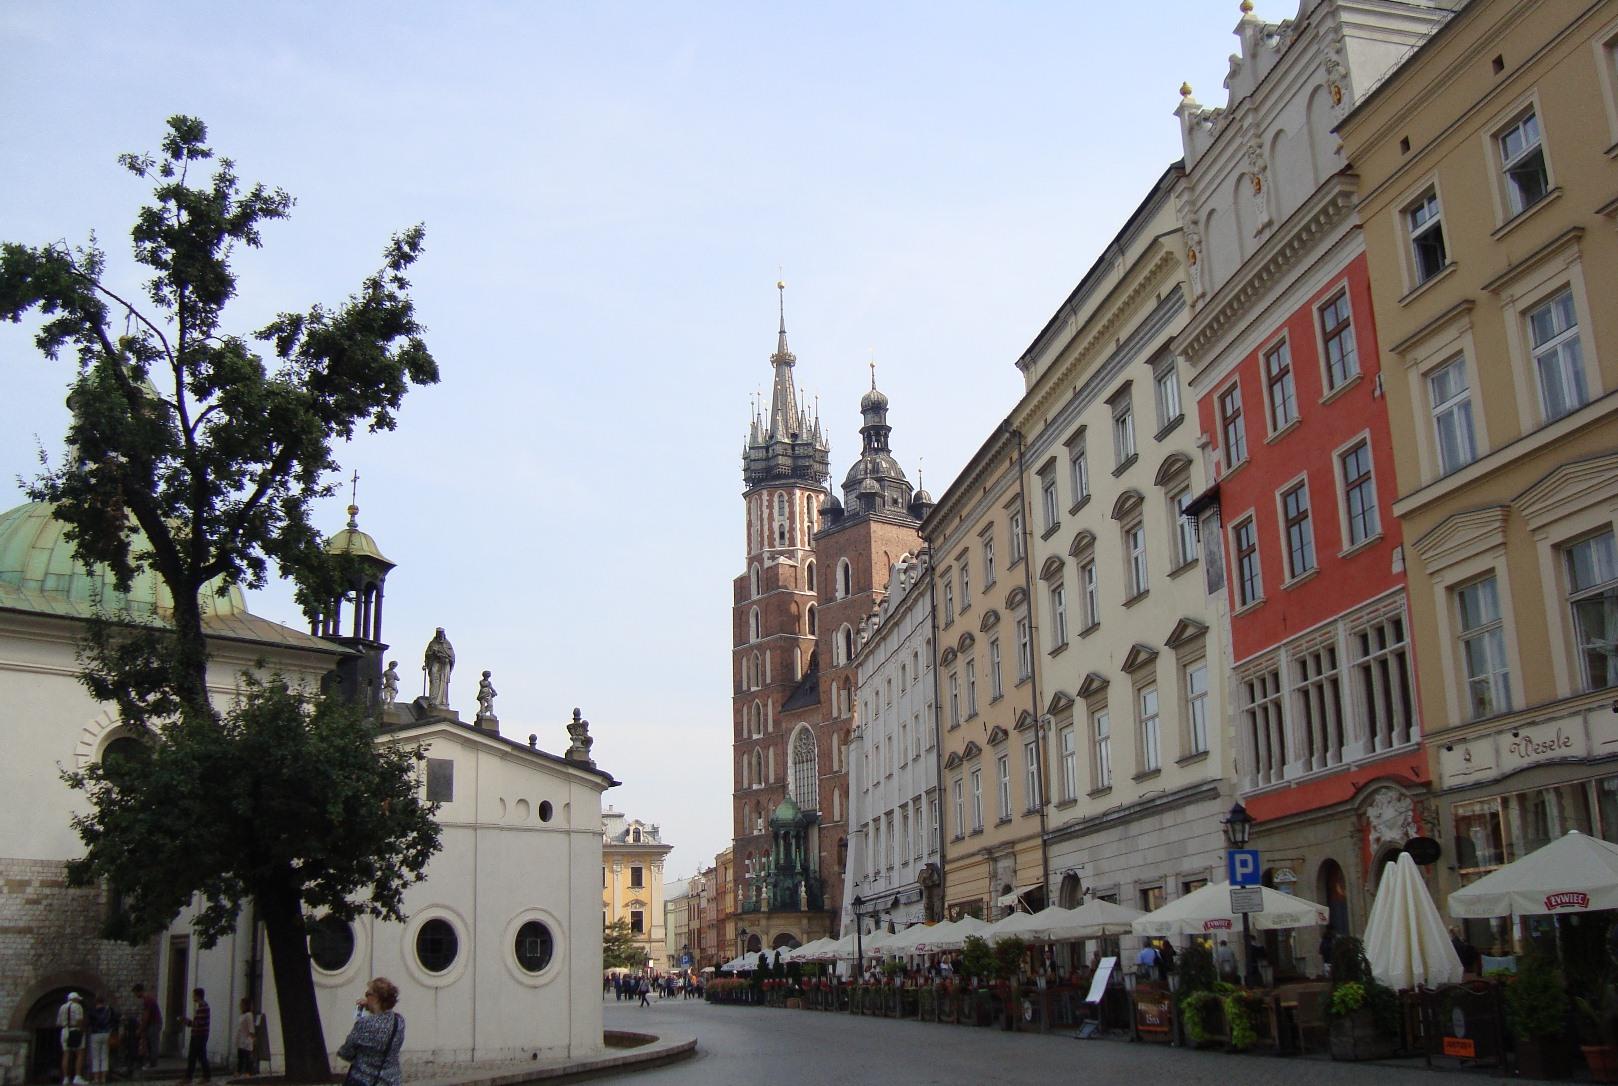 krakow-ploscha-rinok-doma-3